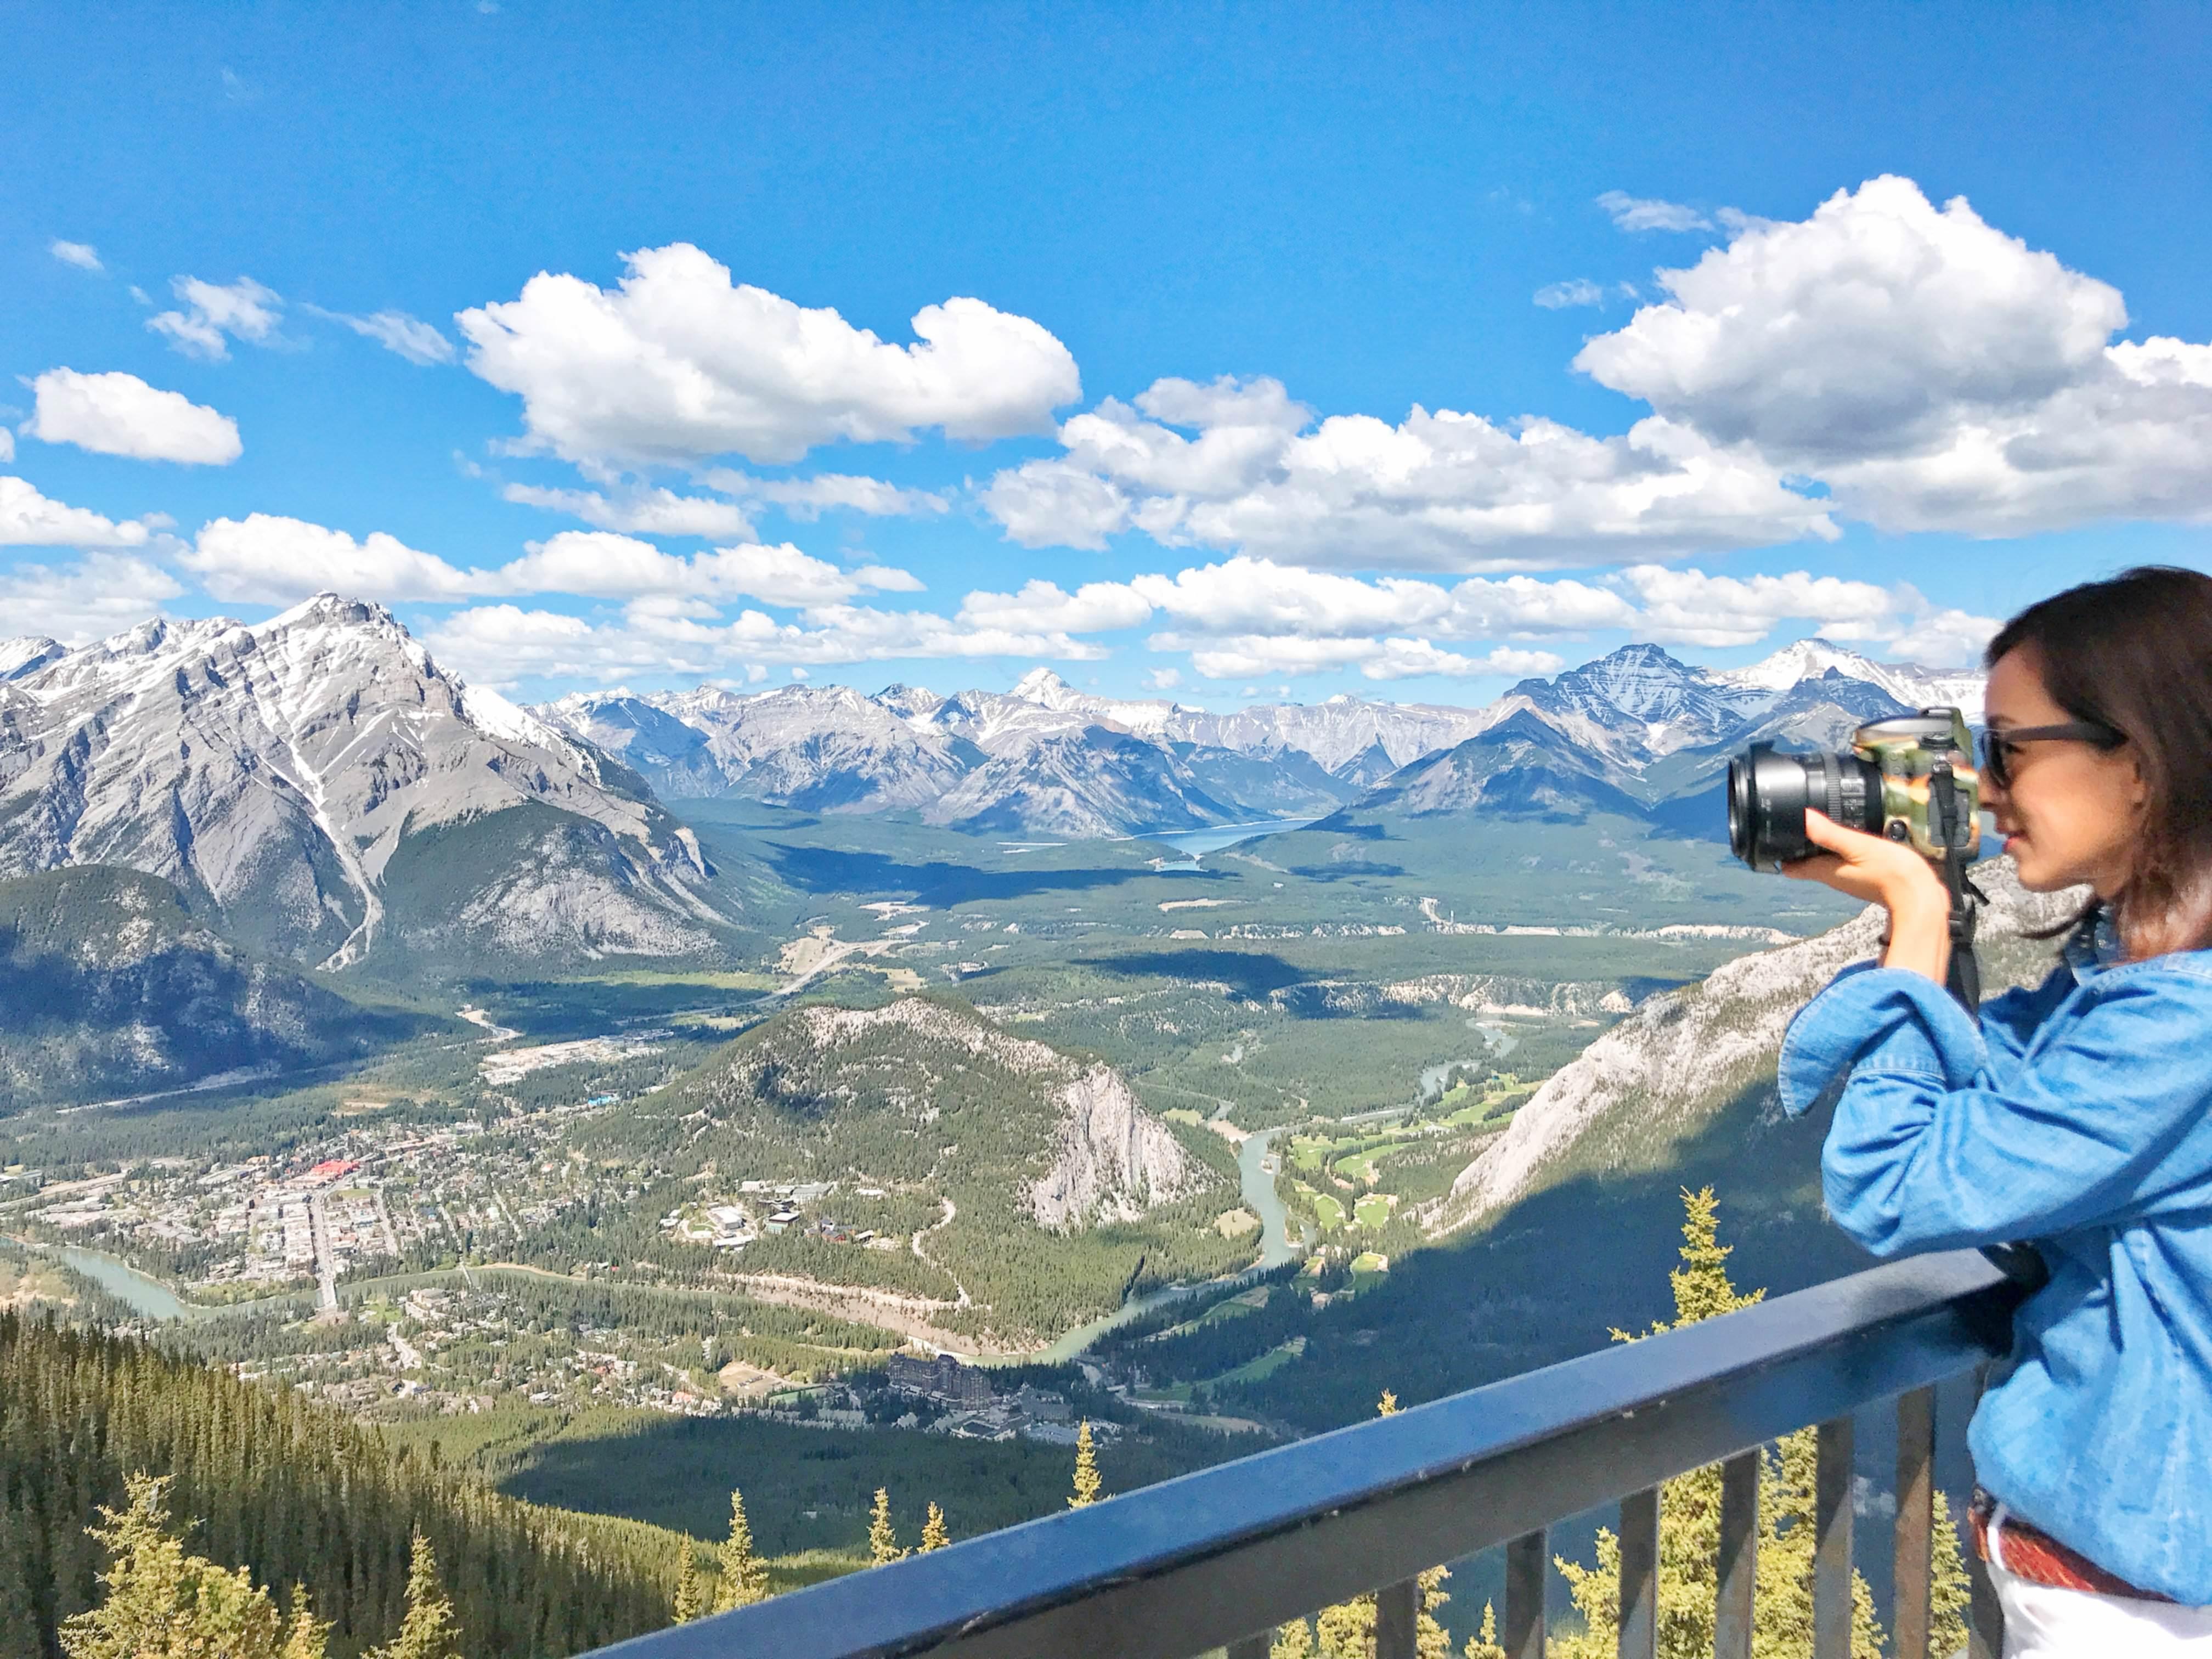 【加拿大】坐擁班芙小鎮的絕佳視野,百萬美景盡收眼底—2018班芙硫磺山纜車Banff Gondola。